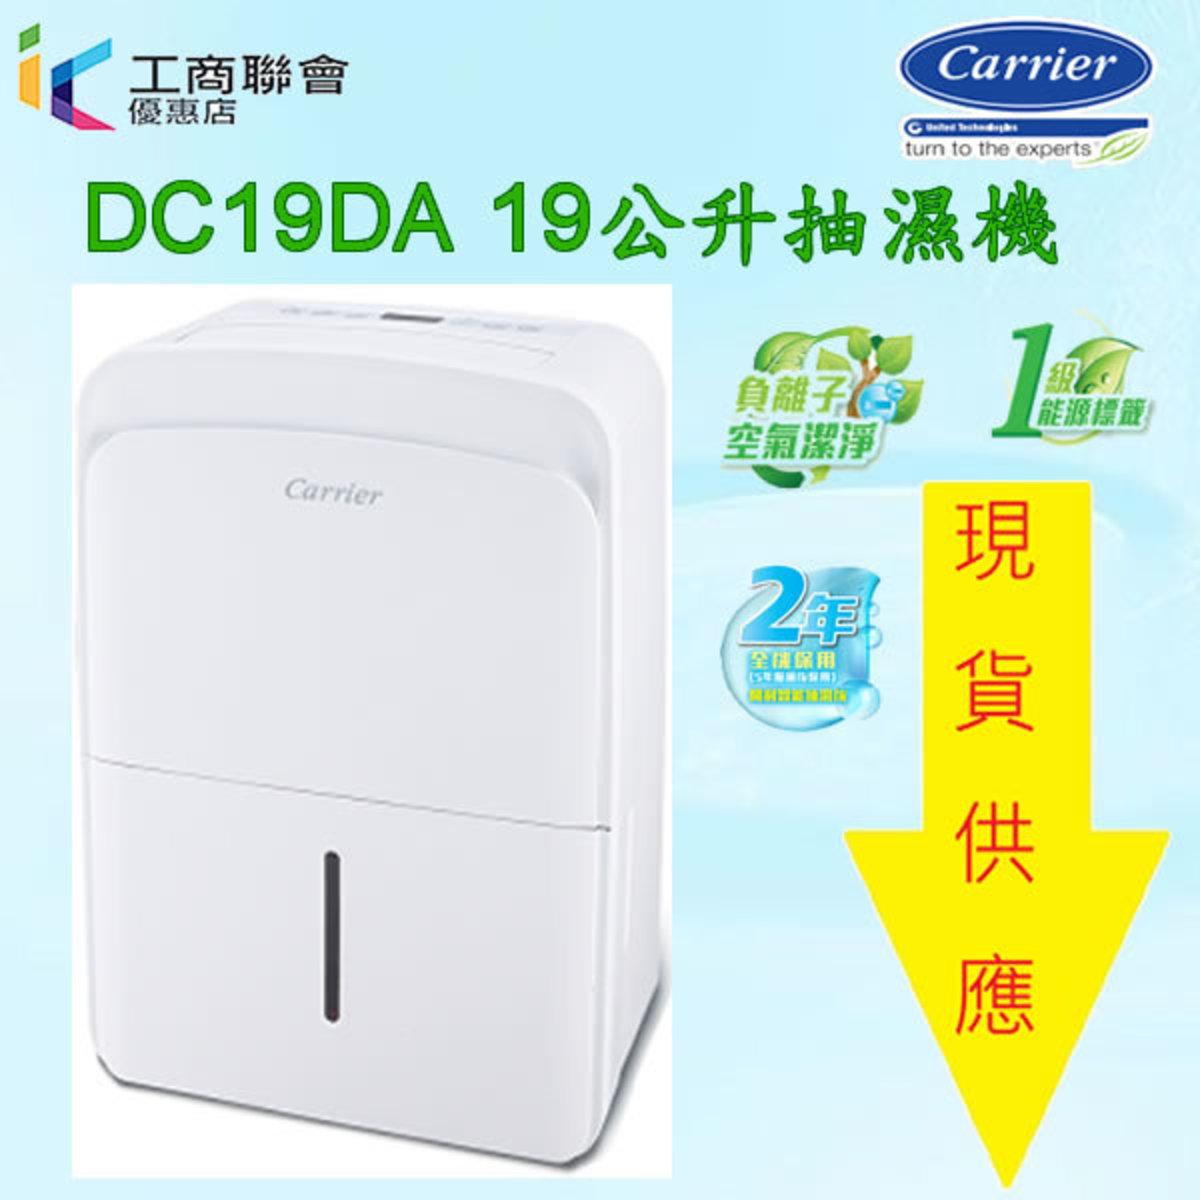 DC19DA1 19公升抽濕機 (一級能源標籤)